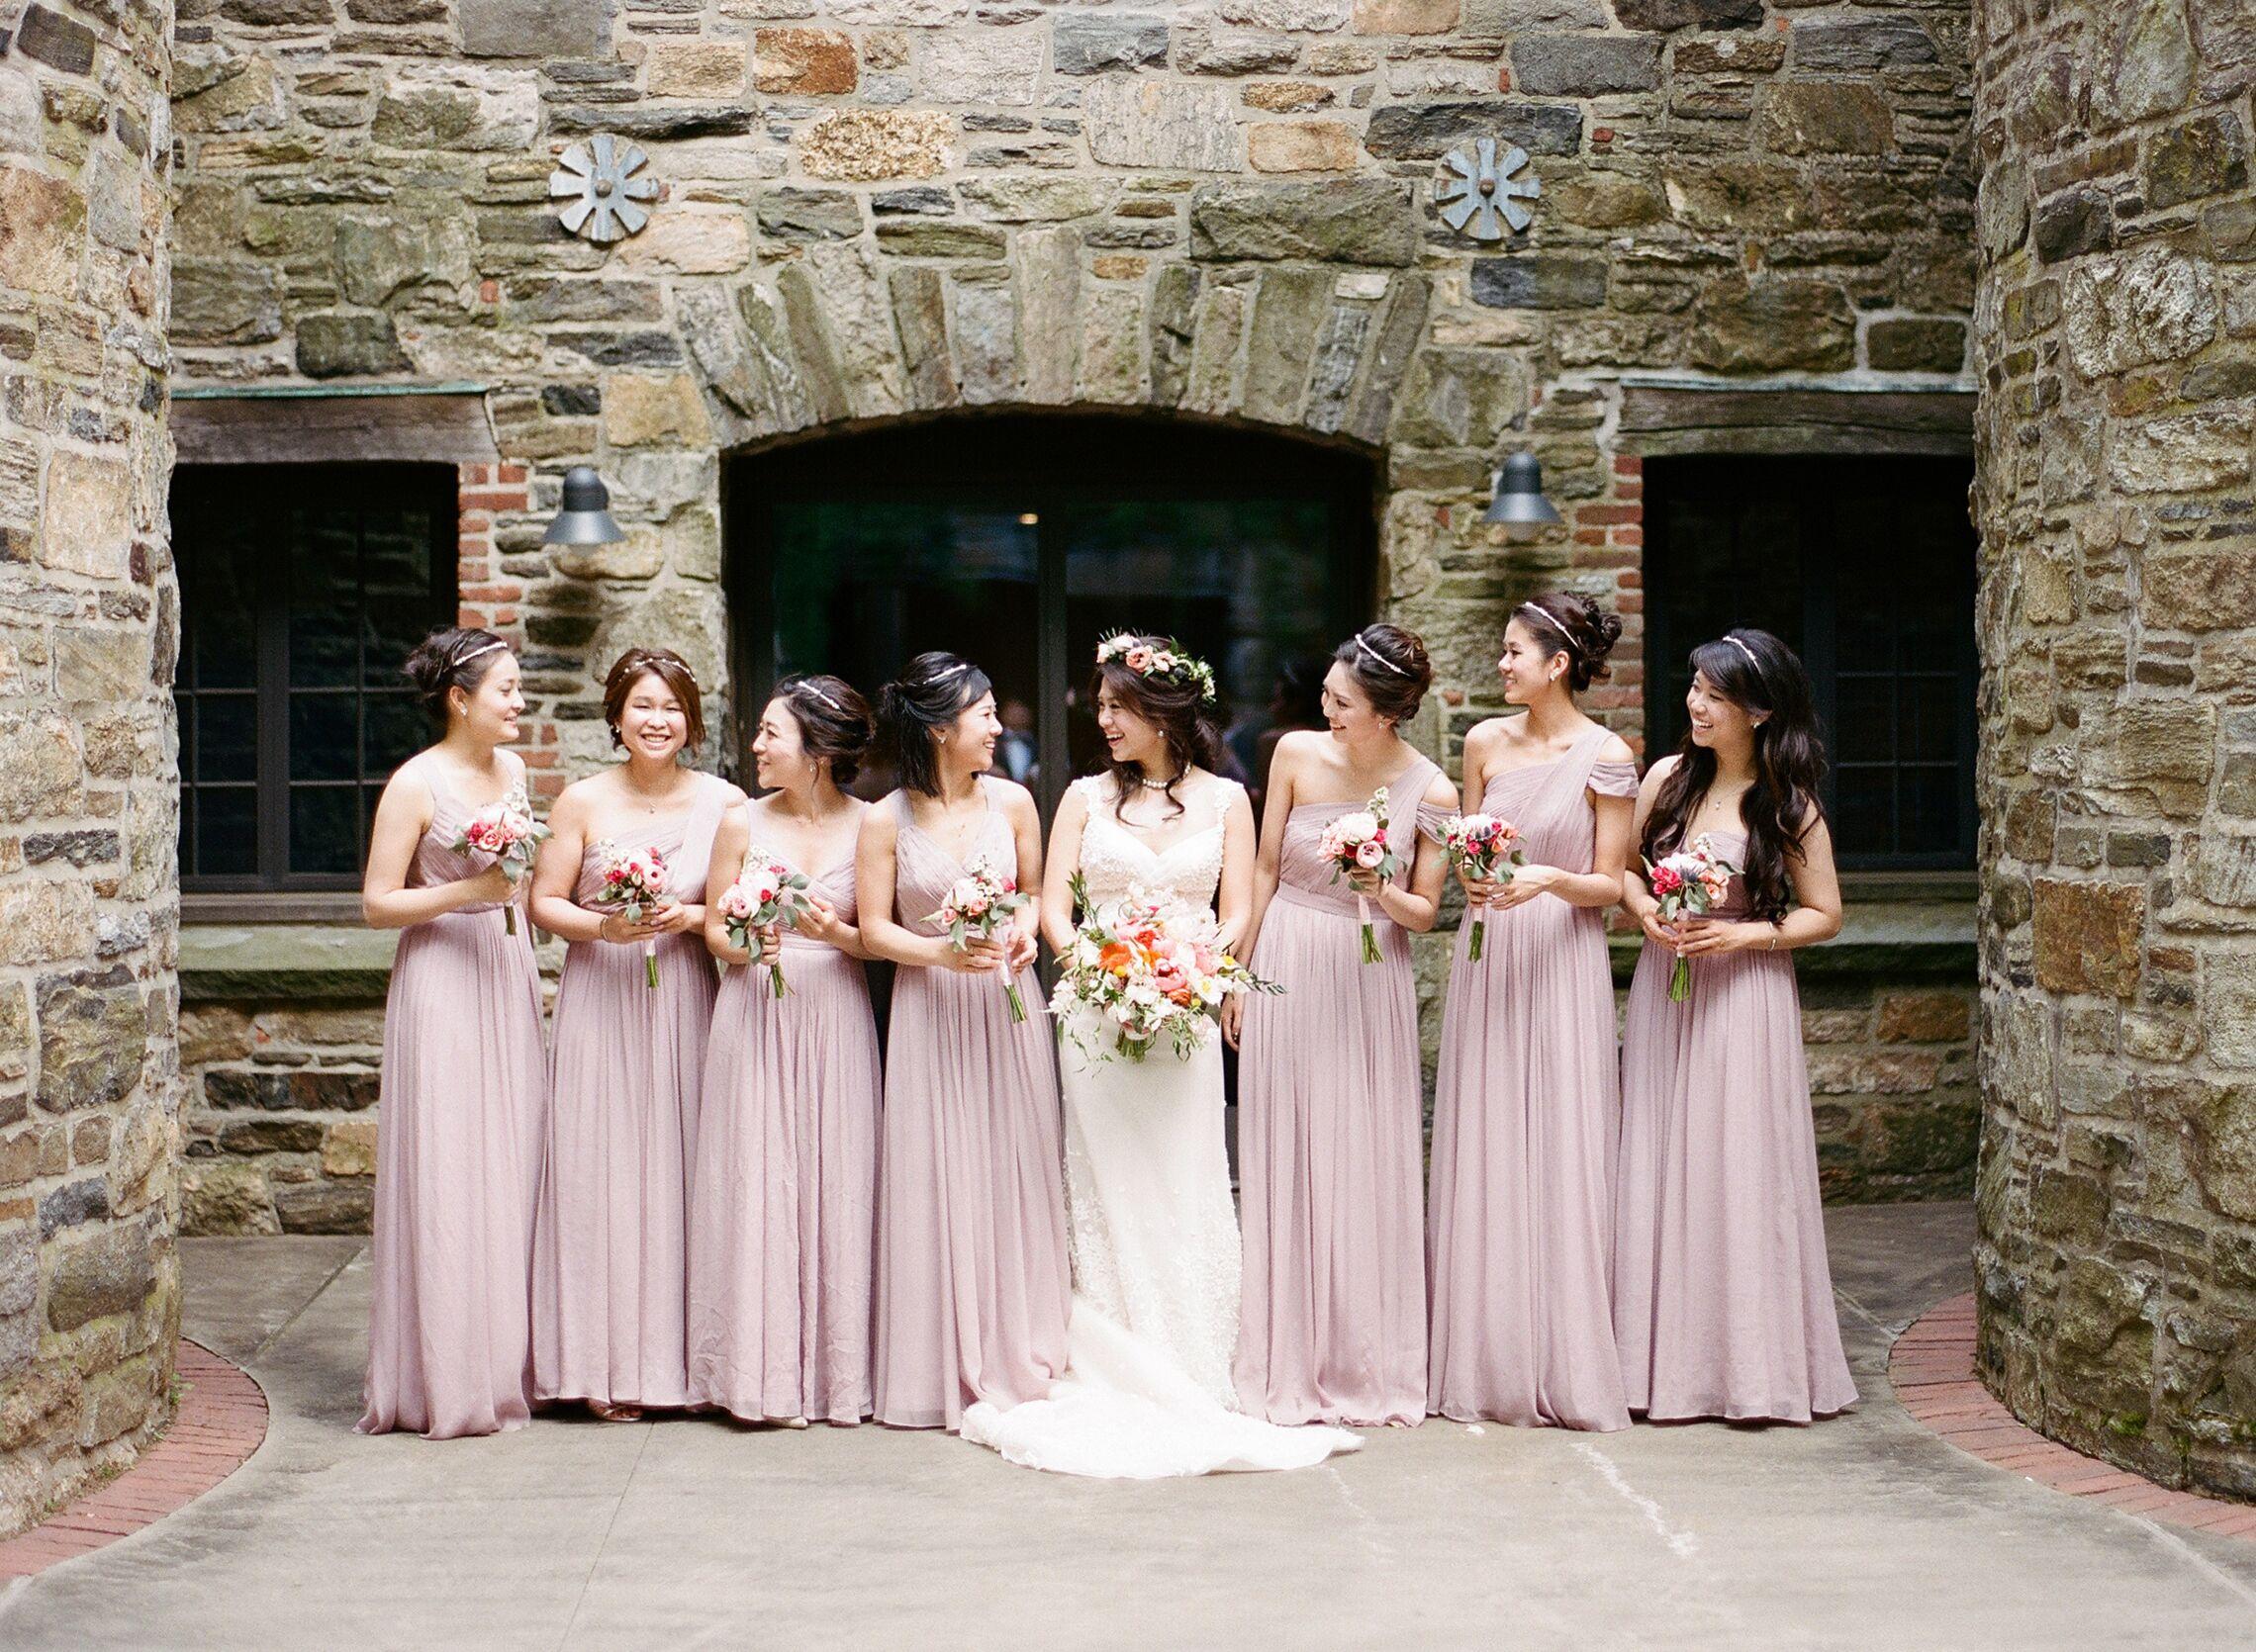 J.Crew Pale Mauve Bridesmaid Dresses